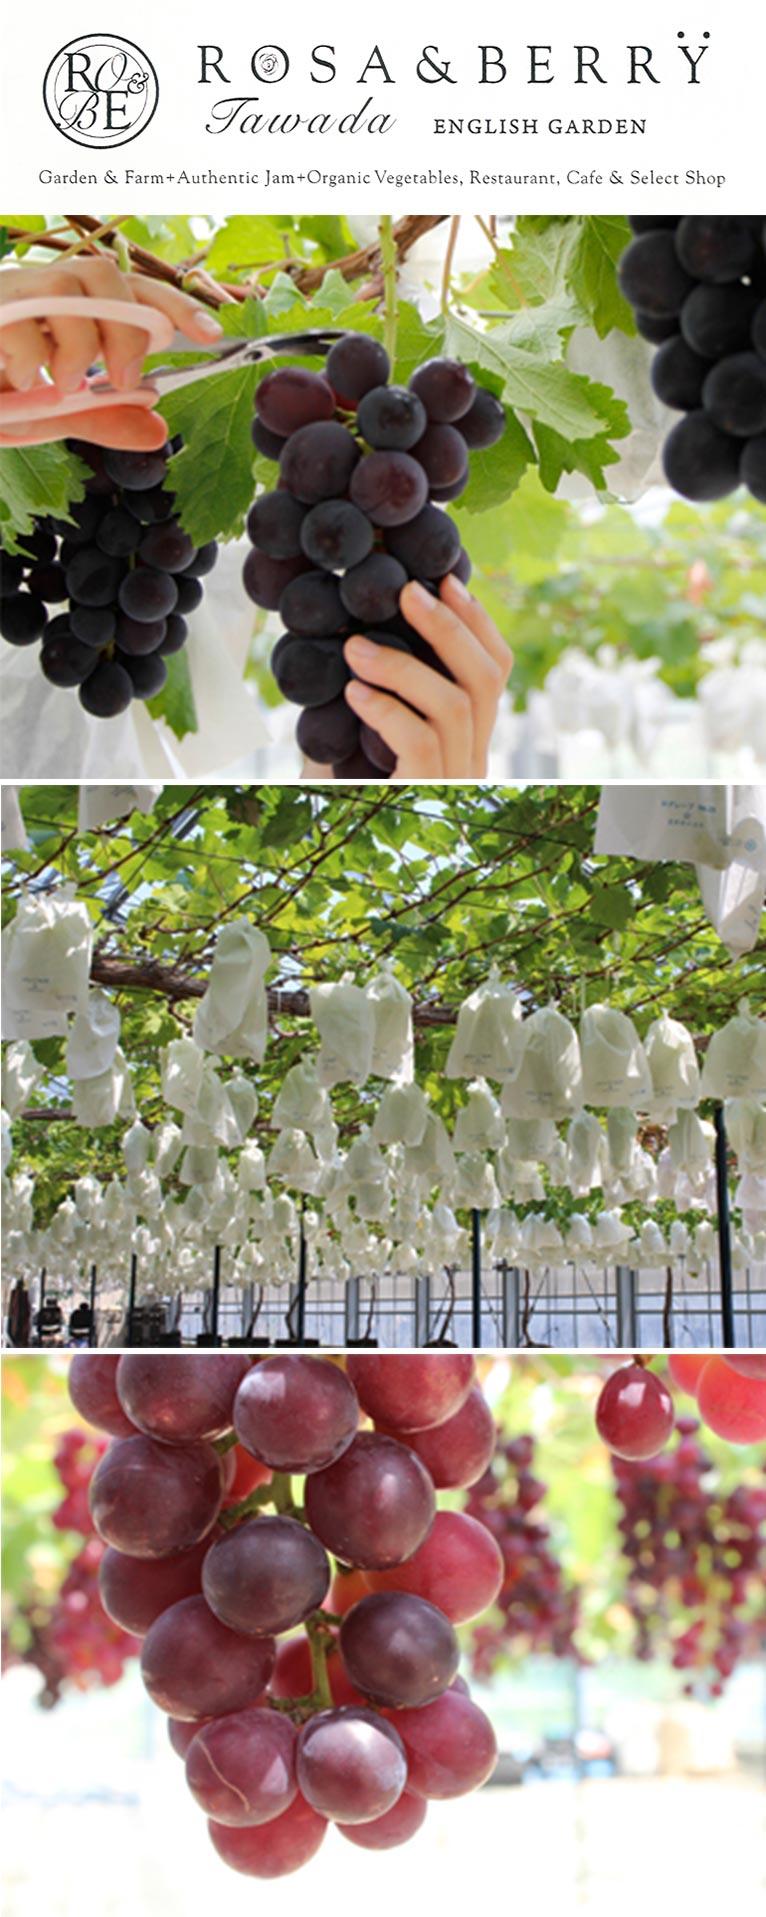 2020年8月22日~ 高級品種のブドウの摘み取り体験&無料エリアでの販売 ROSE & BERRY Tawada ローザンベリー多和田